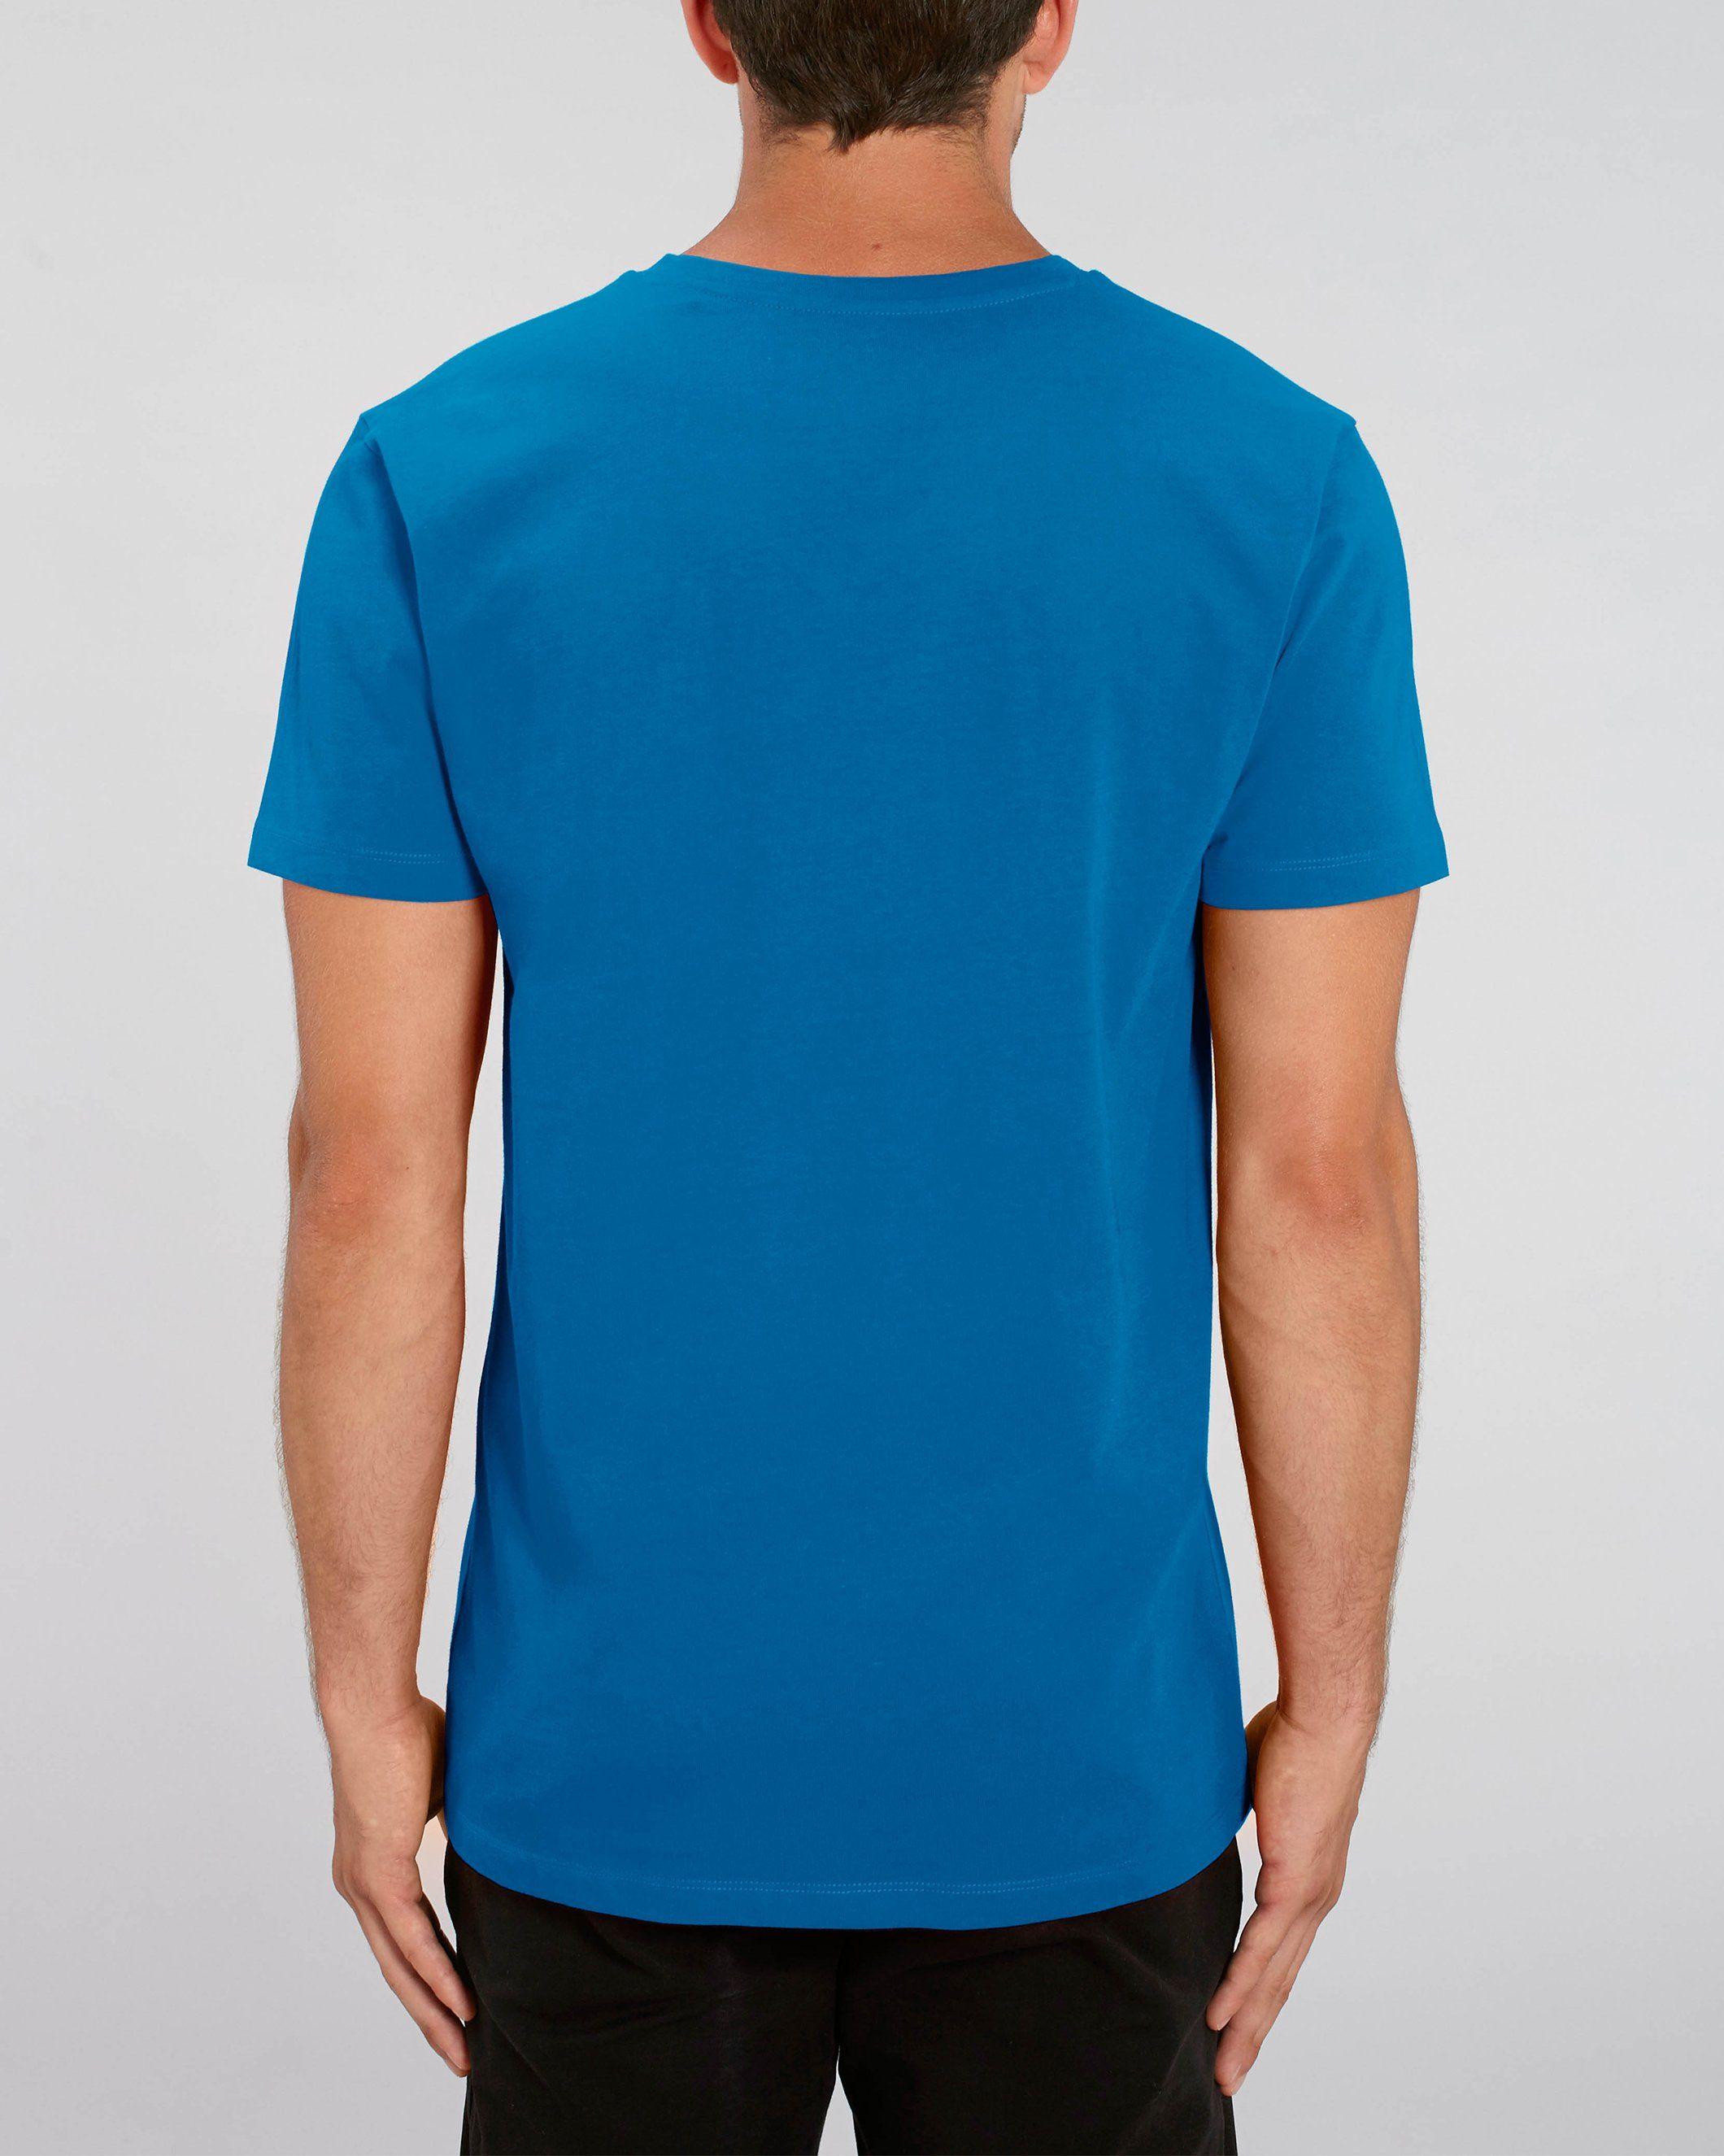 Chi Men's V-Neck T-Shirt in Blue